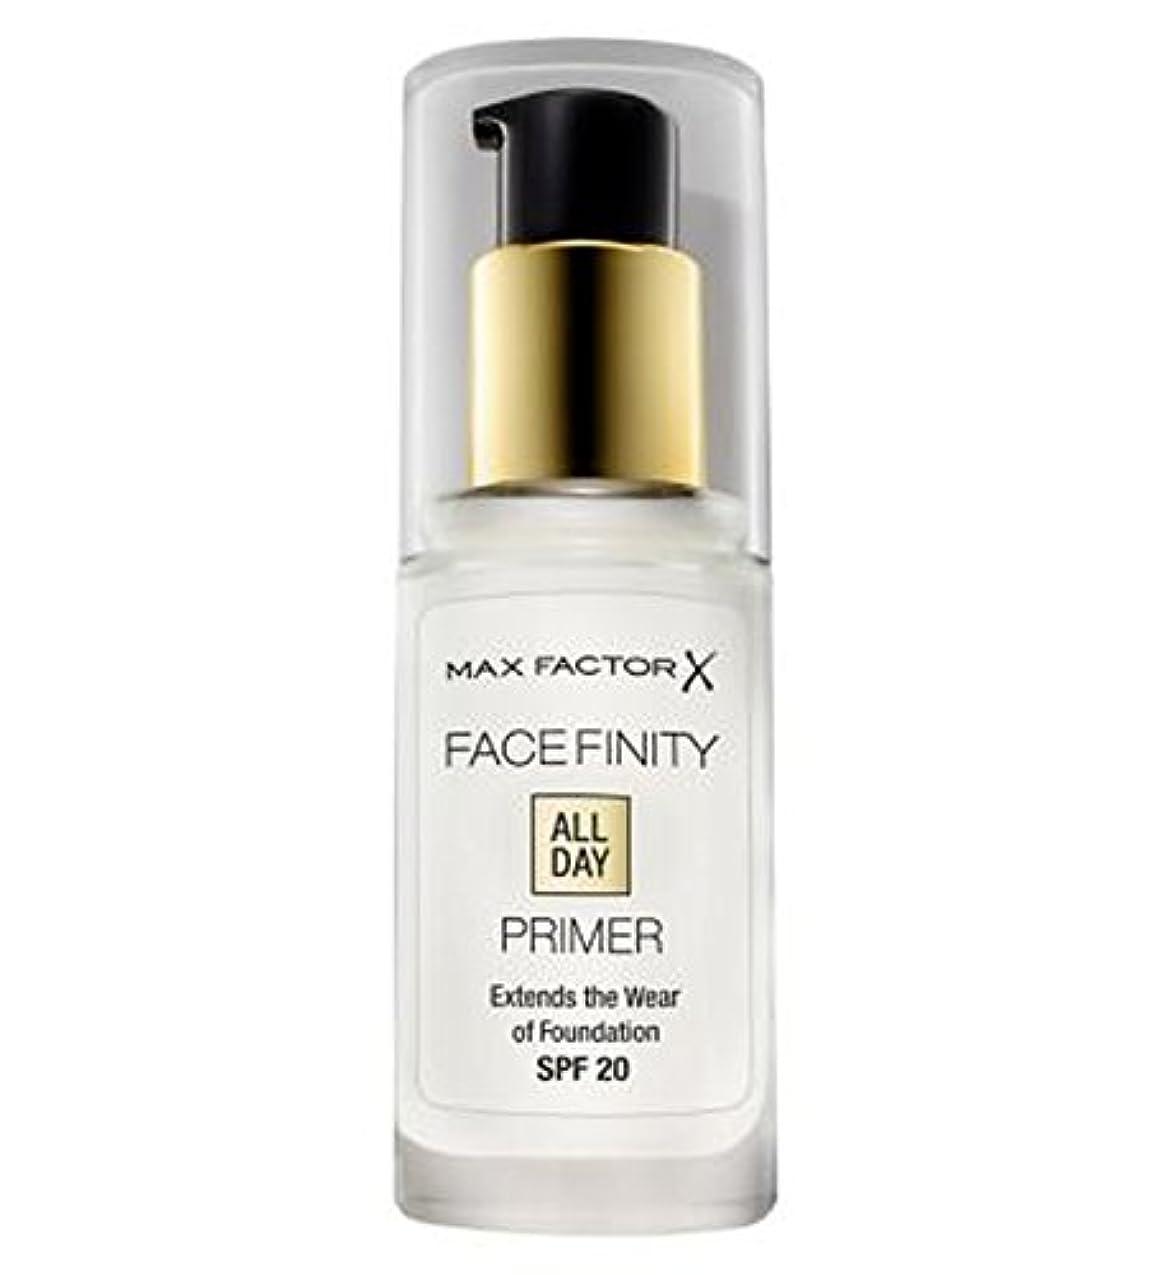 完了付与貞Max Factor Facefinity All Day Primer - マックスファクターのFacefinity終日プライマー (Max Factor) [並行輸入品]